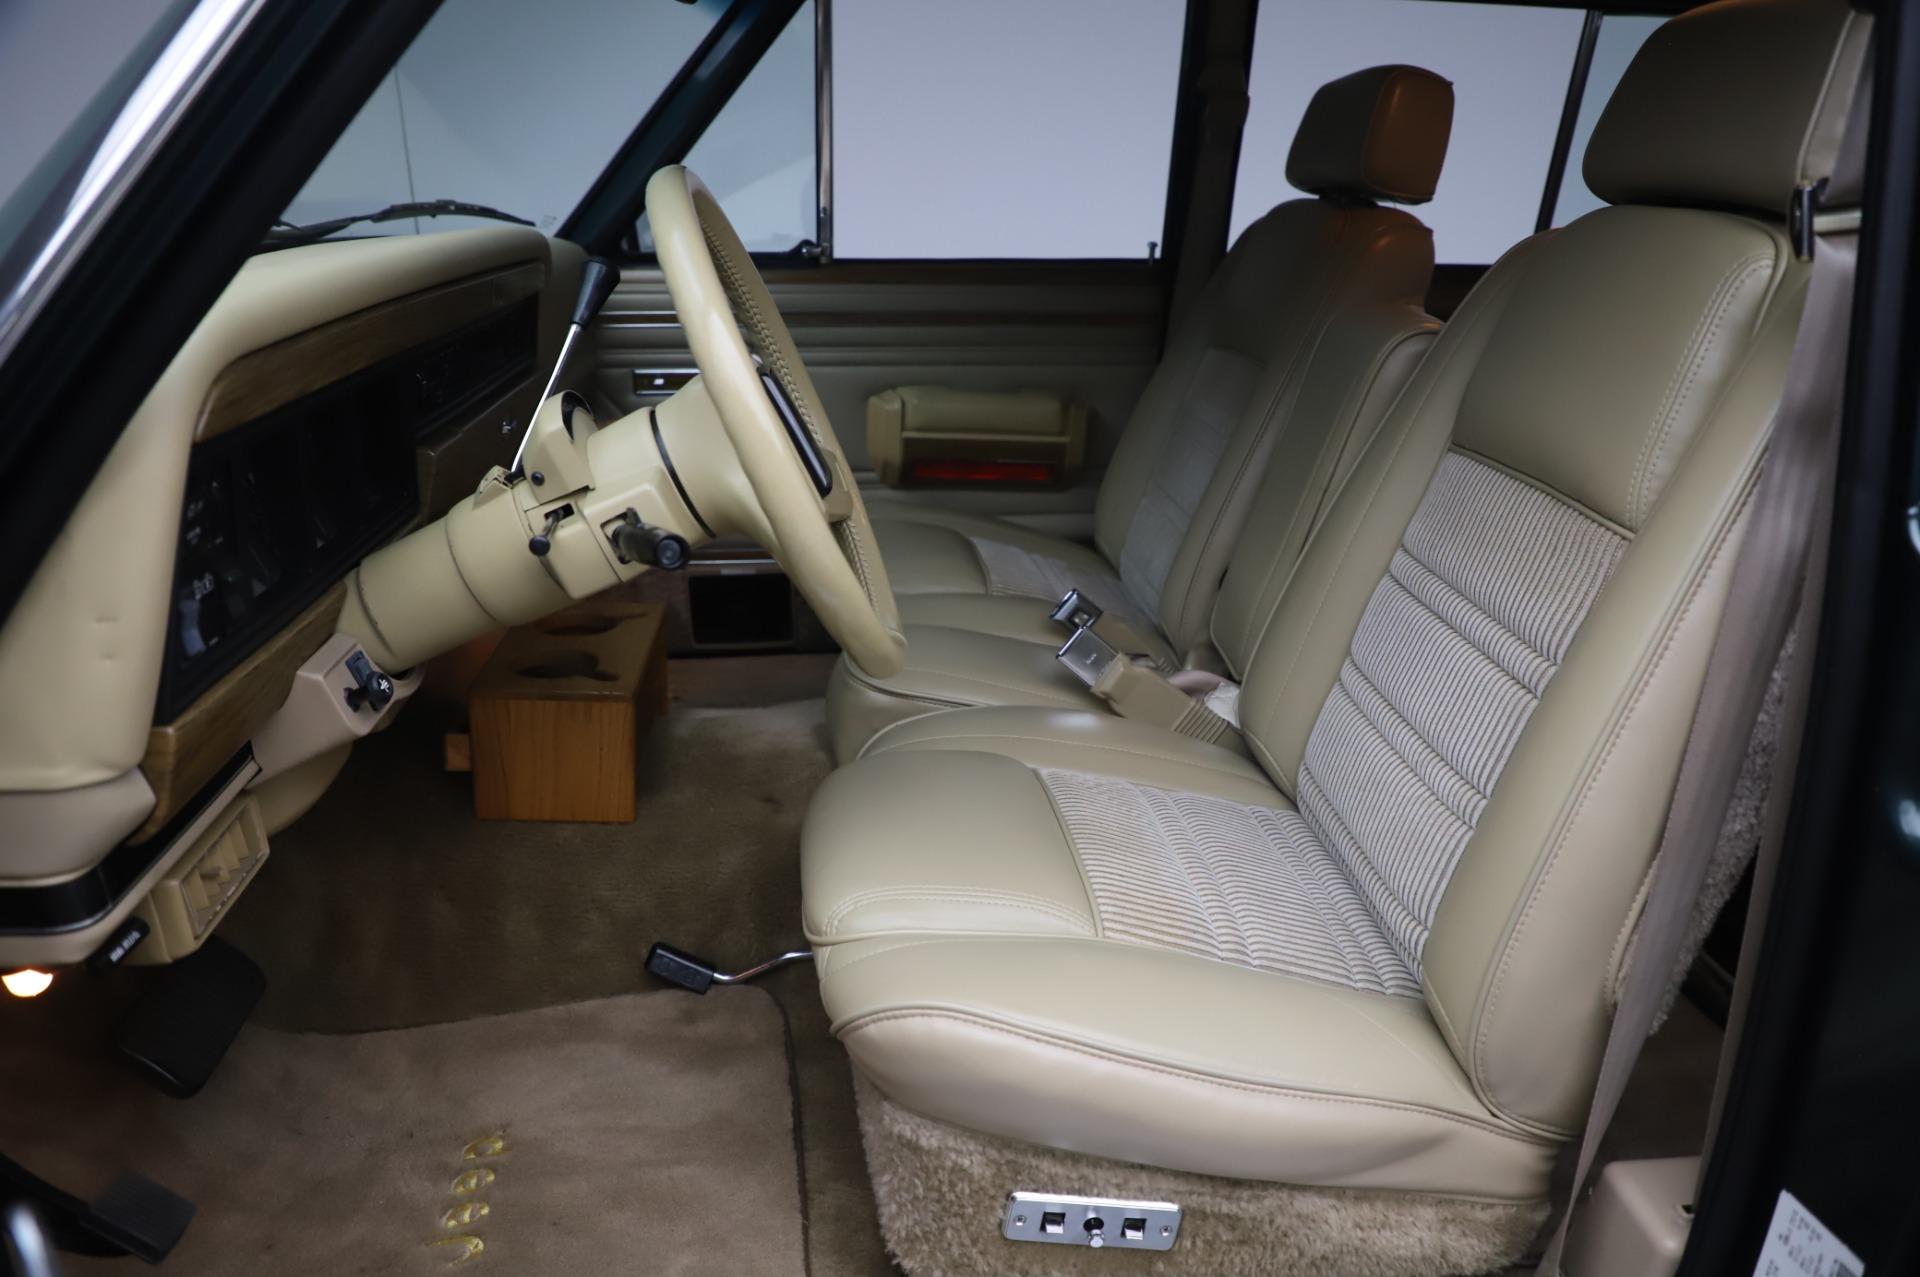 Used 1991 Jeep Grand Wagoneer